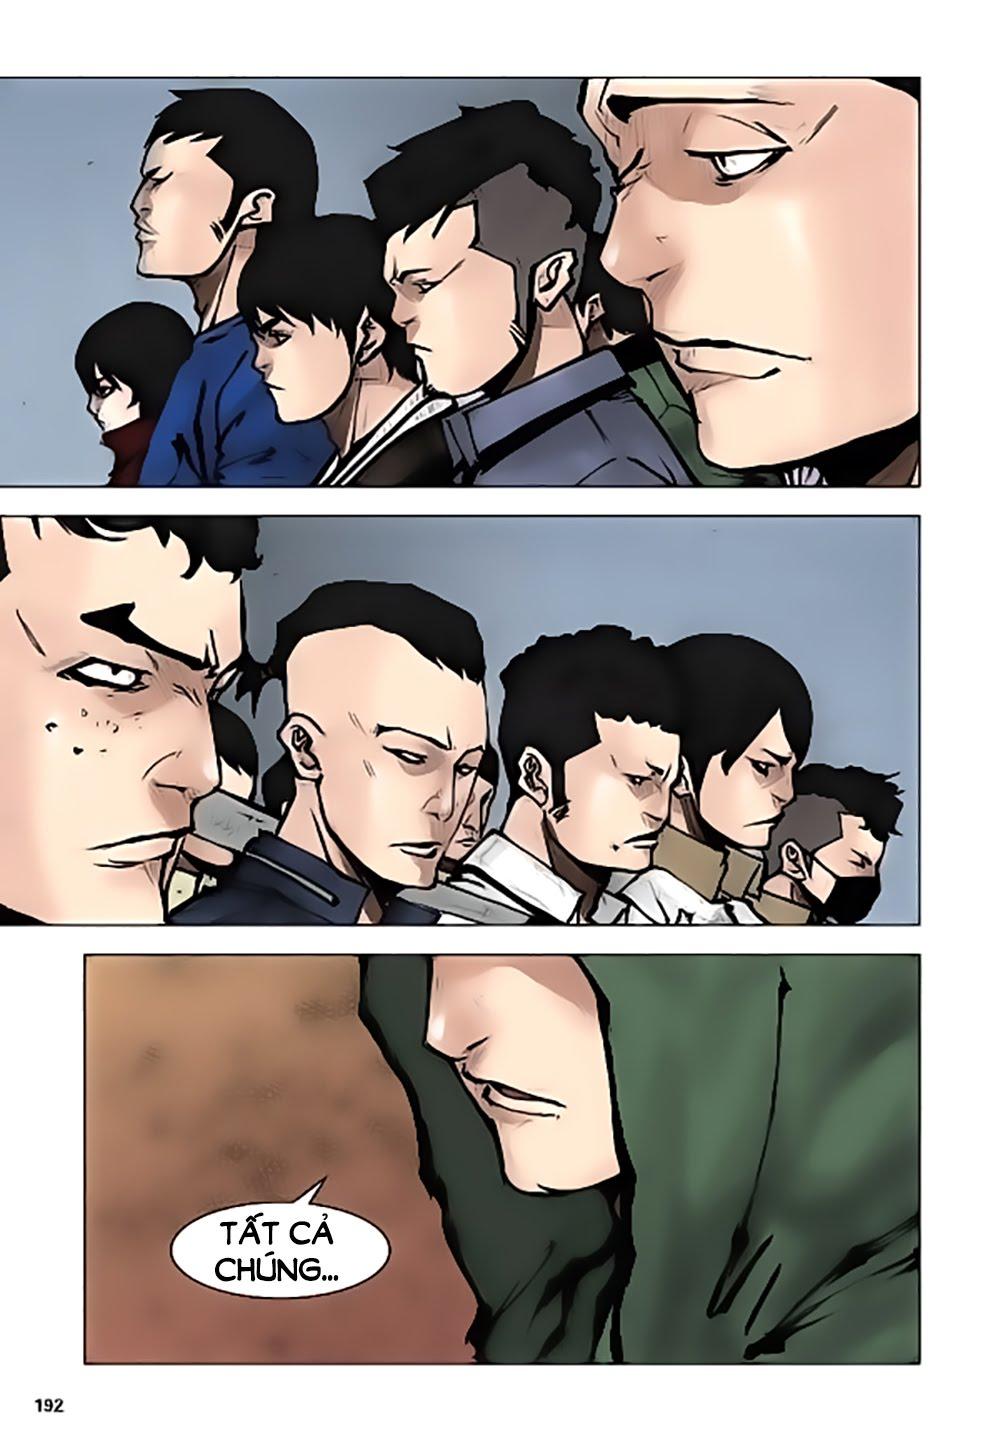 Tong | Tổng chap 30 - Trang 15